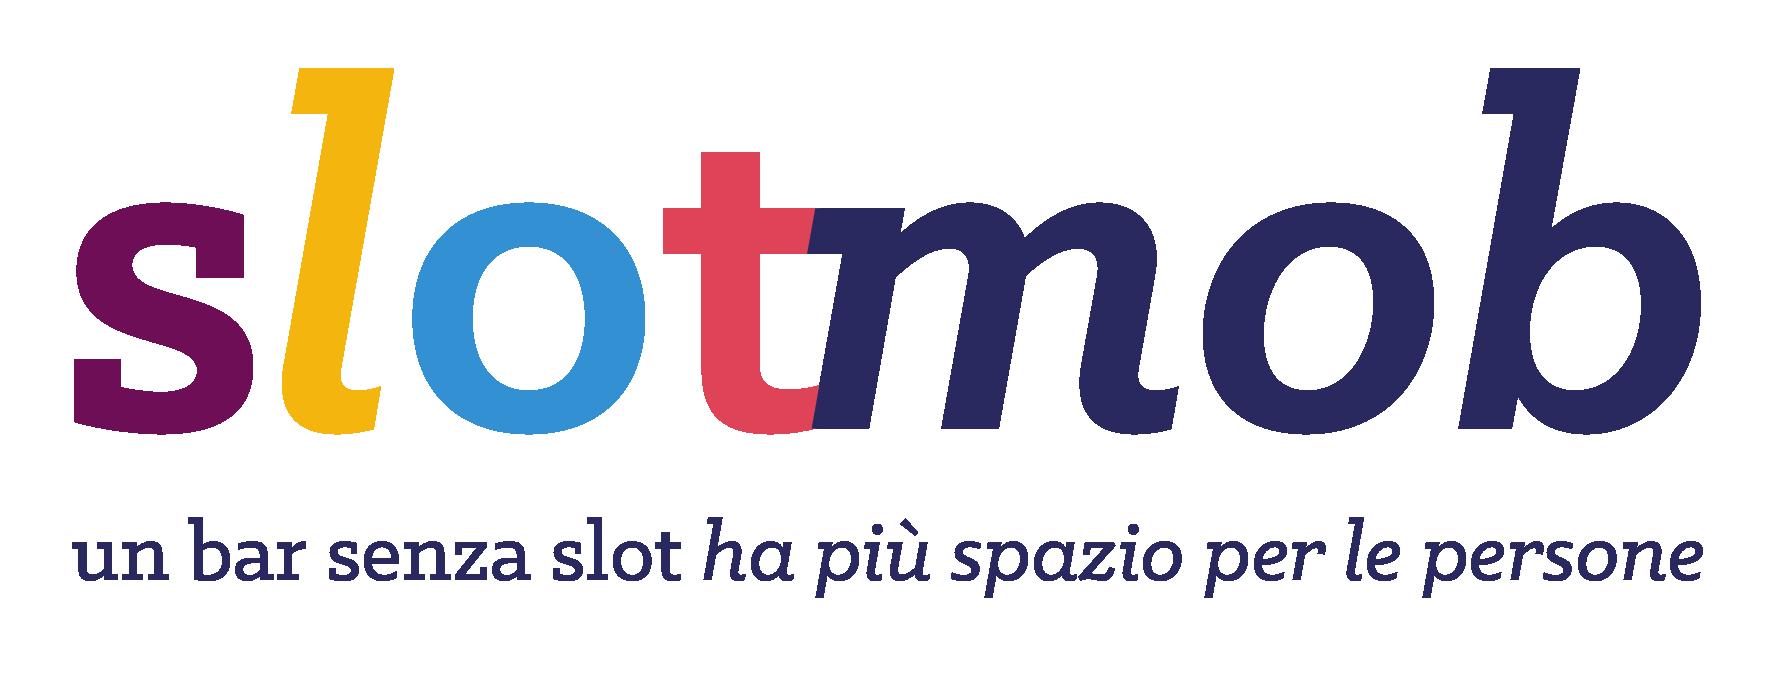 slotmob-logo